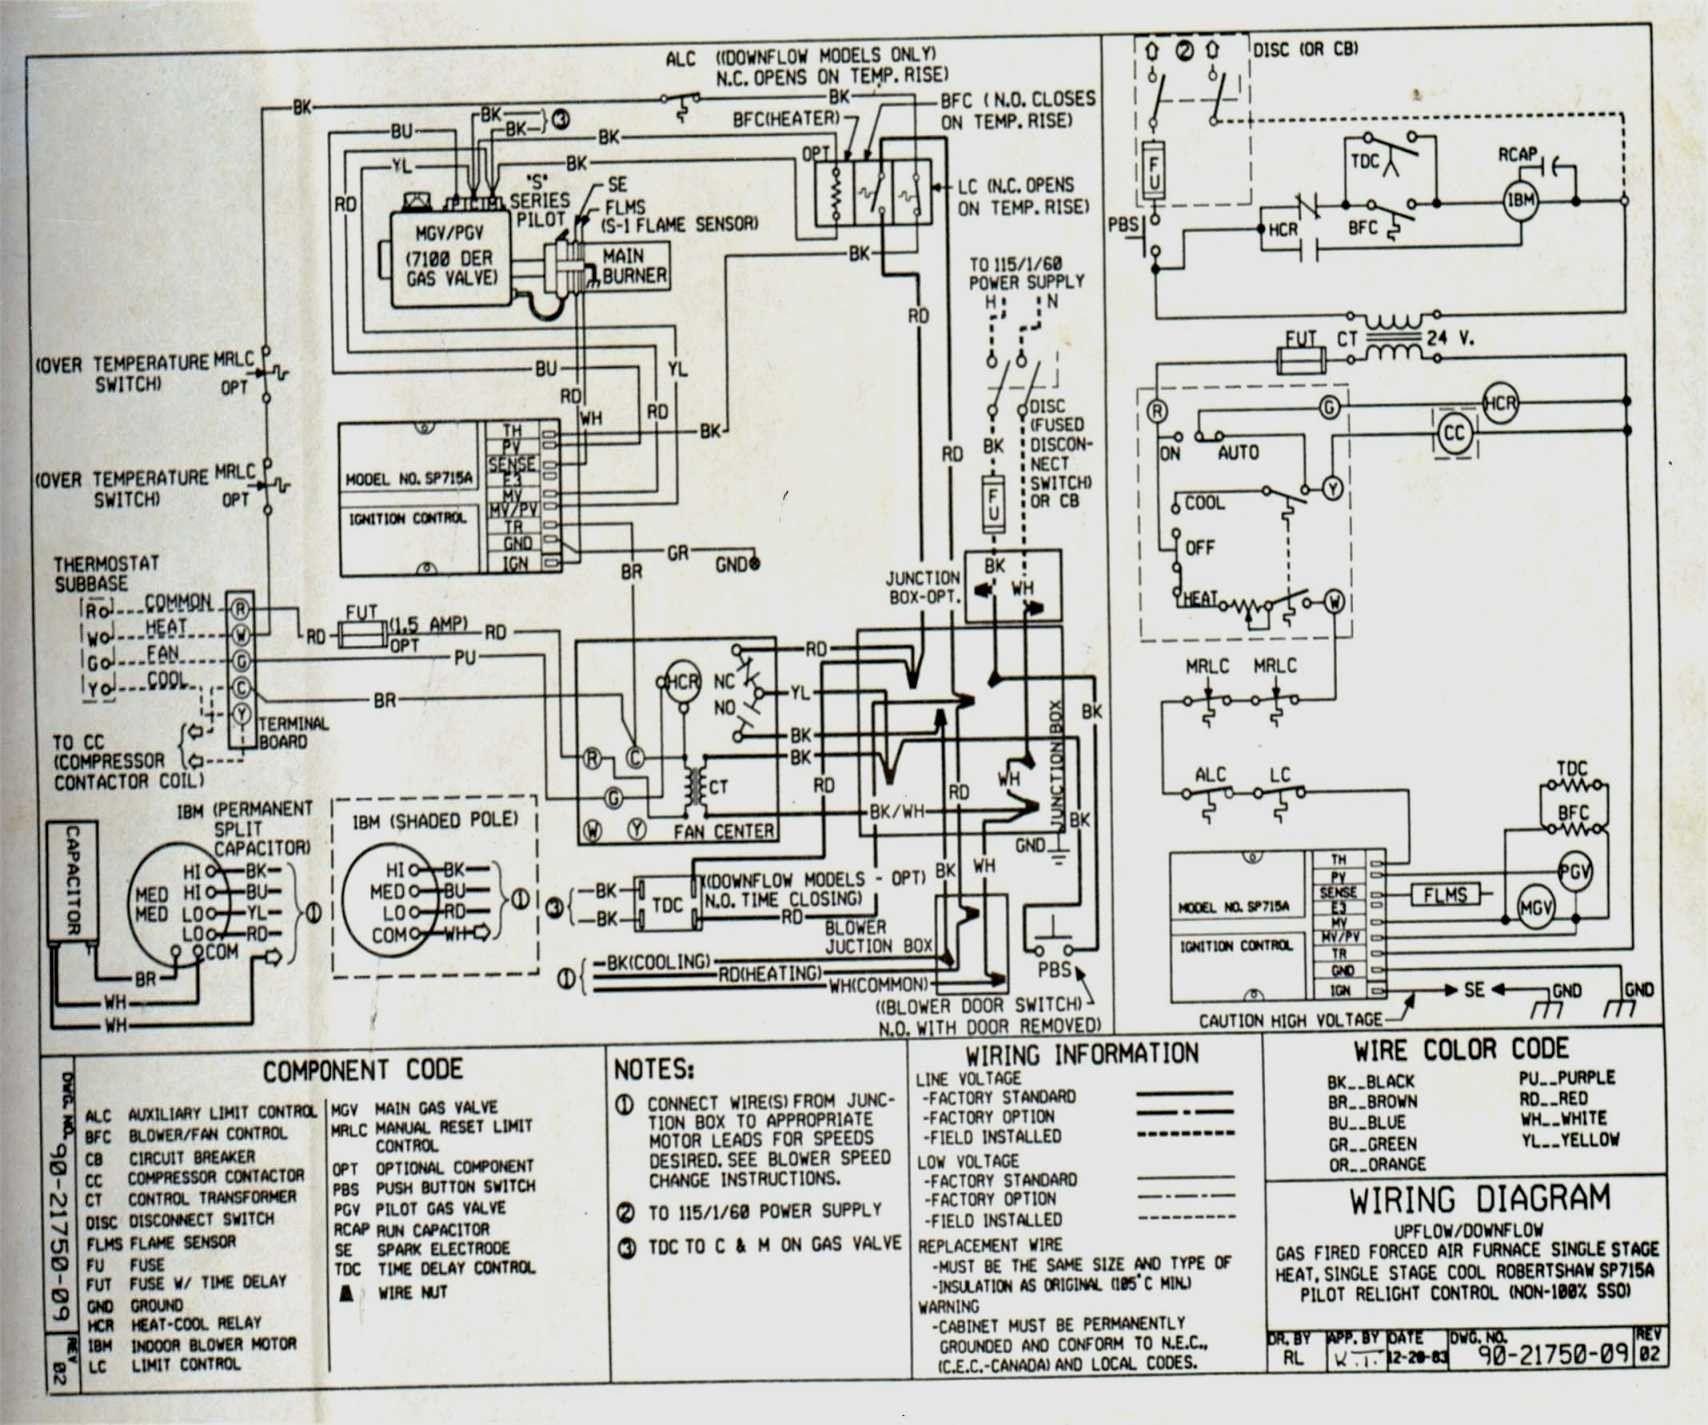 Unique Wiring Diagram Ac Split Daikin Inverter Electrical Diagram Trailer Wiring Diagram Diagram